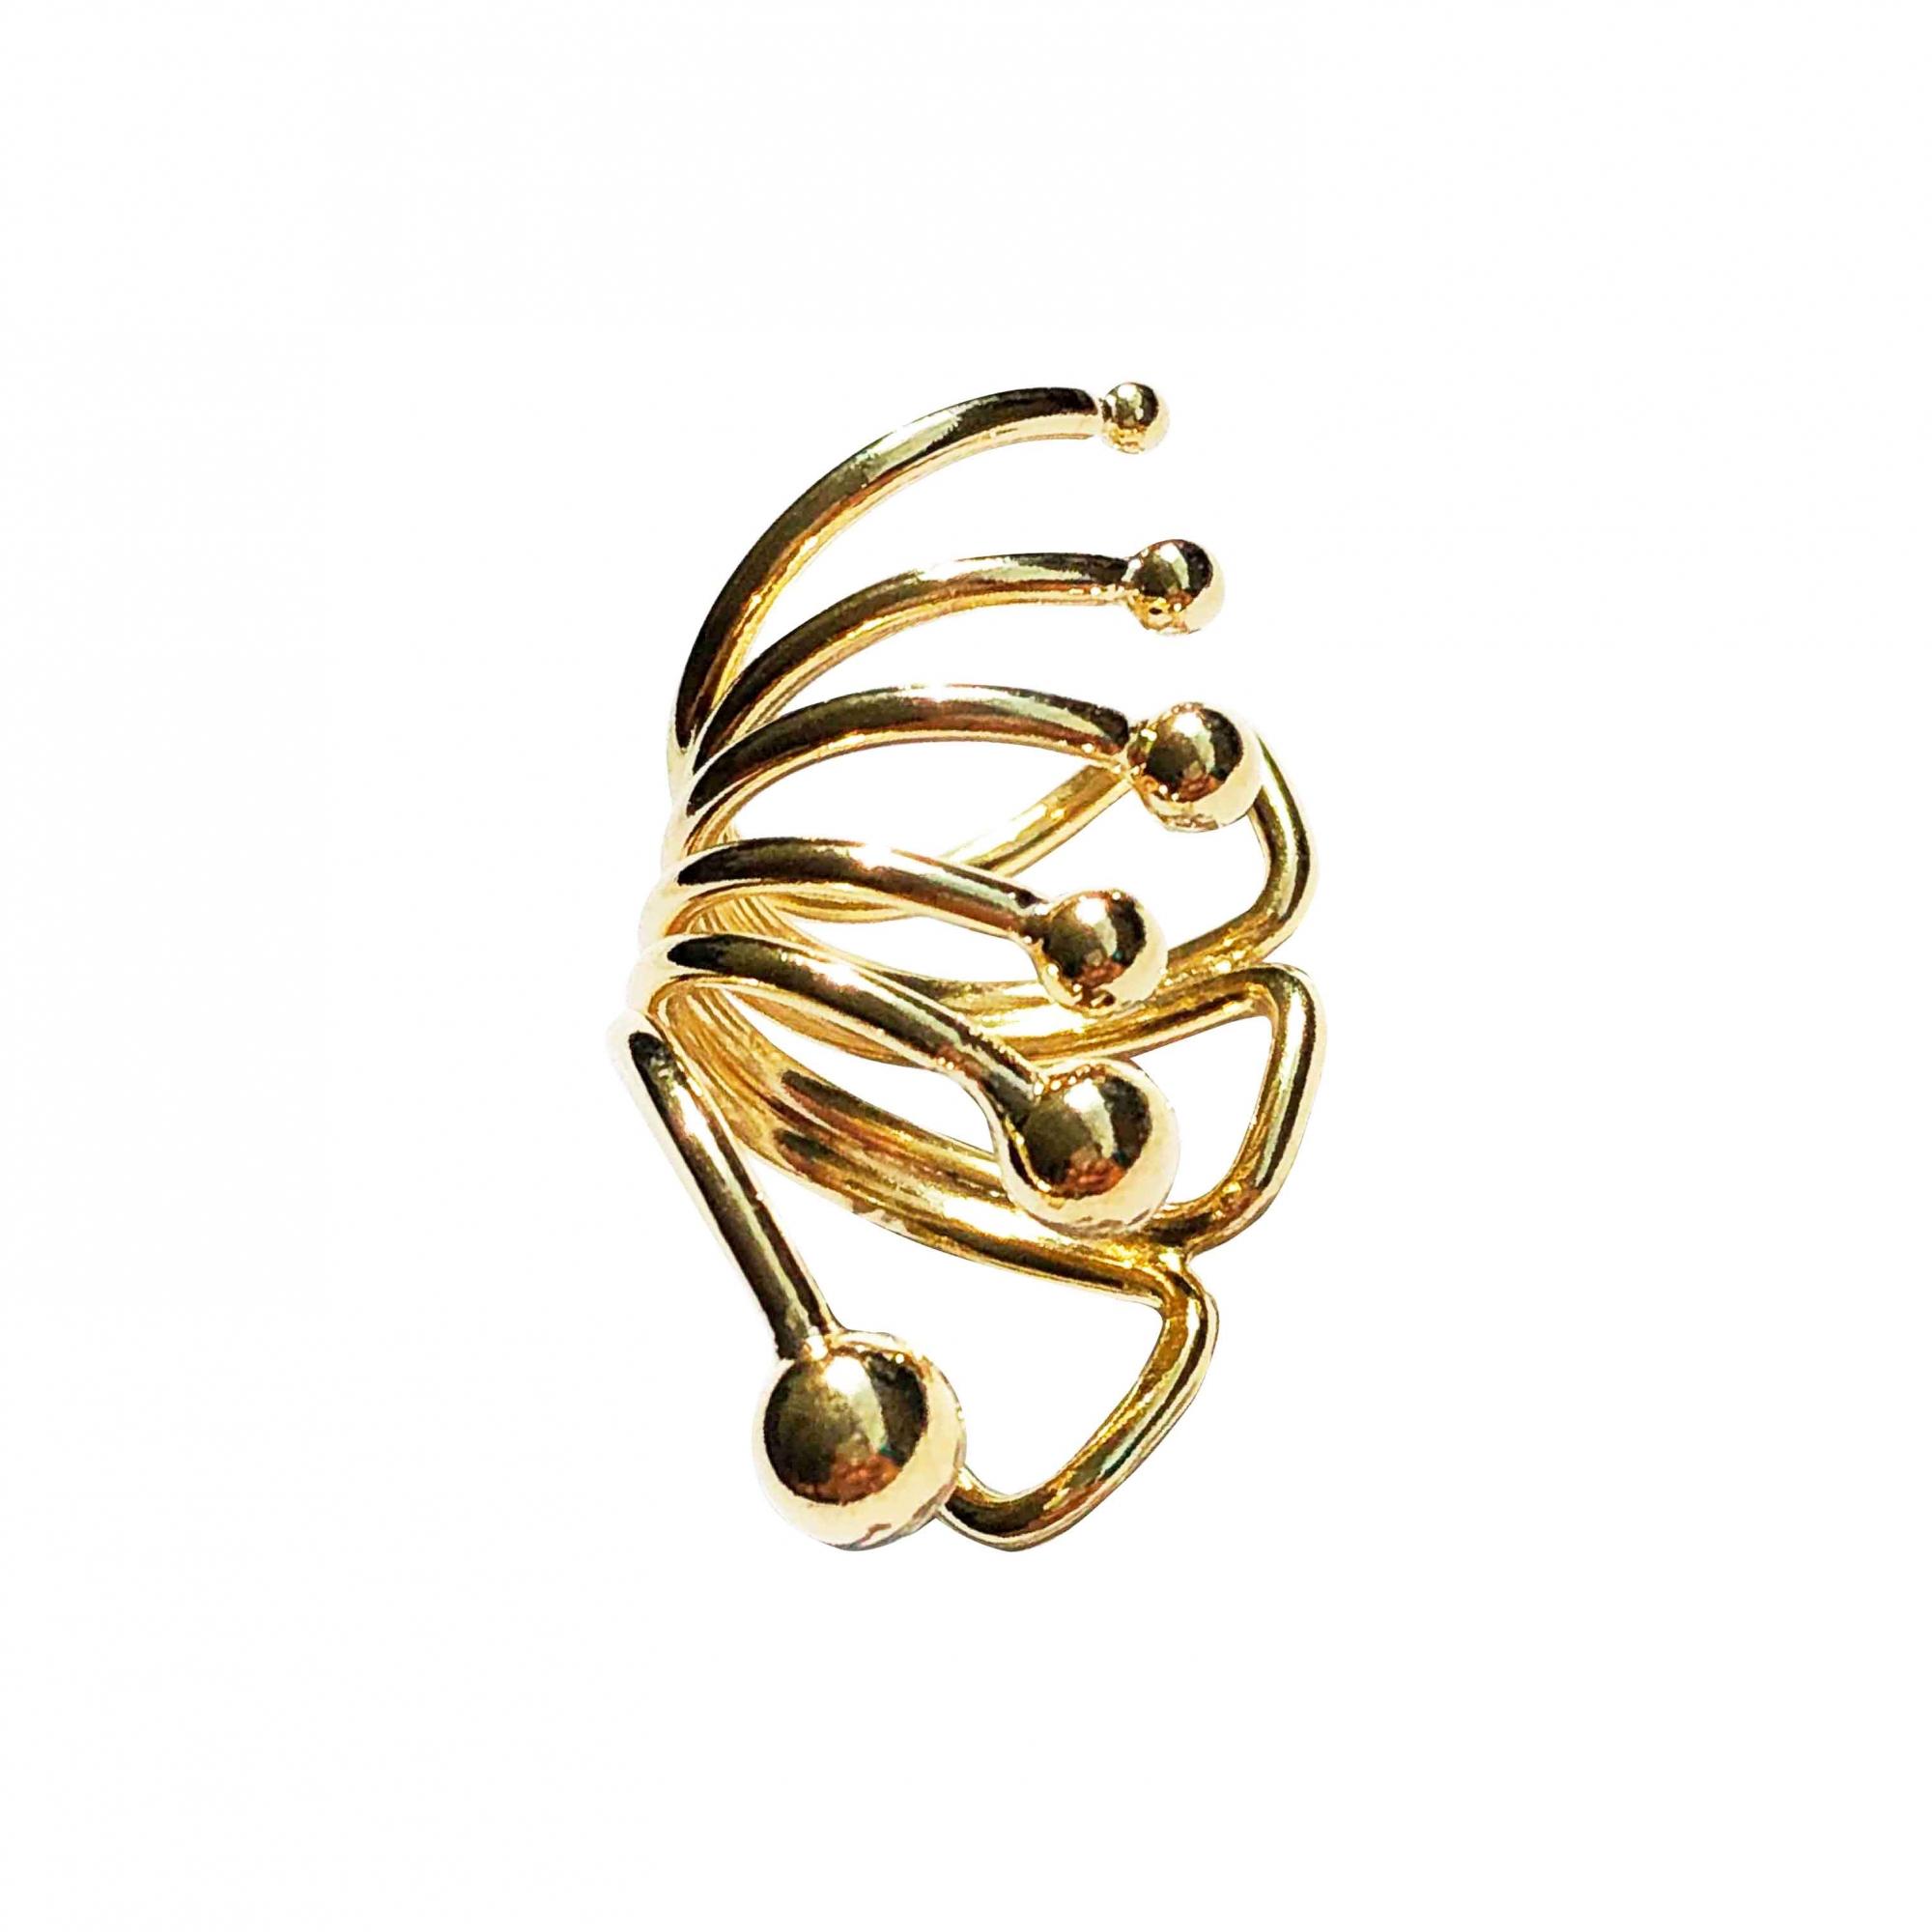 Piercing de pressão com design de argola folheado em ouro 18k